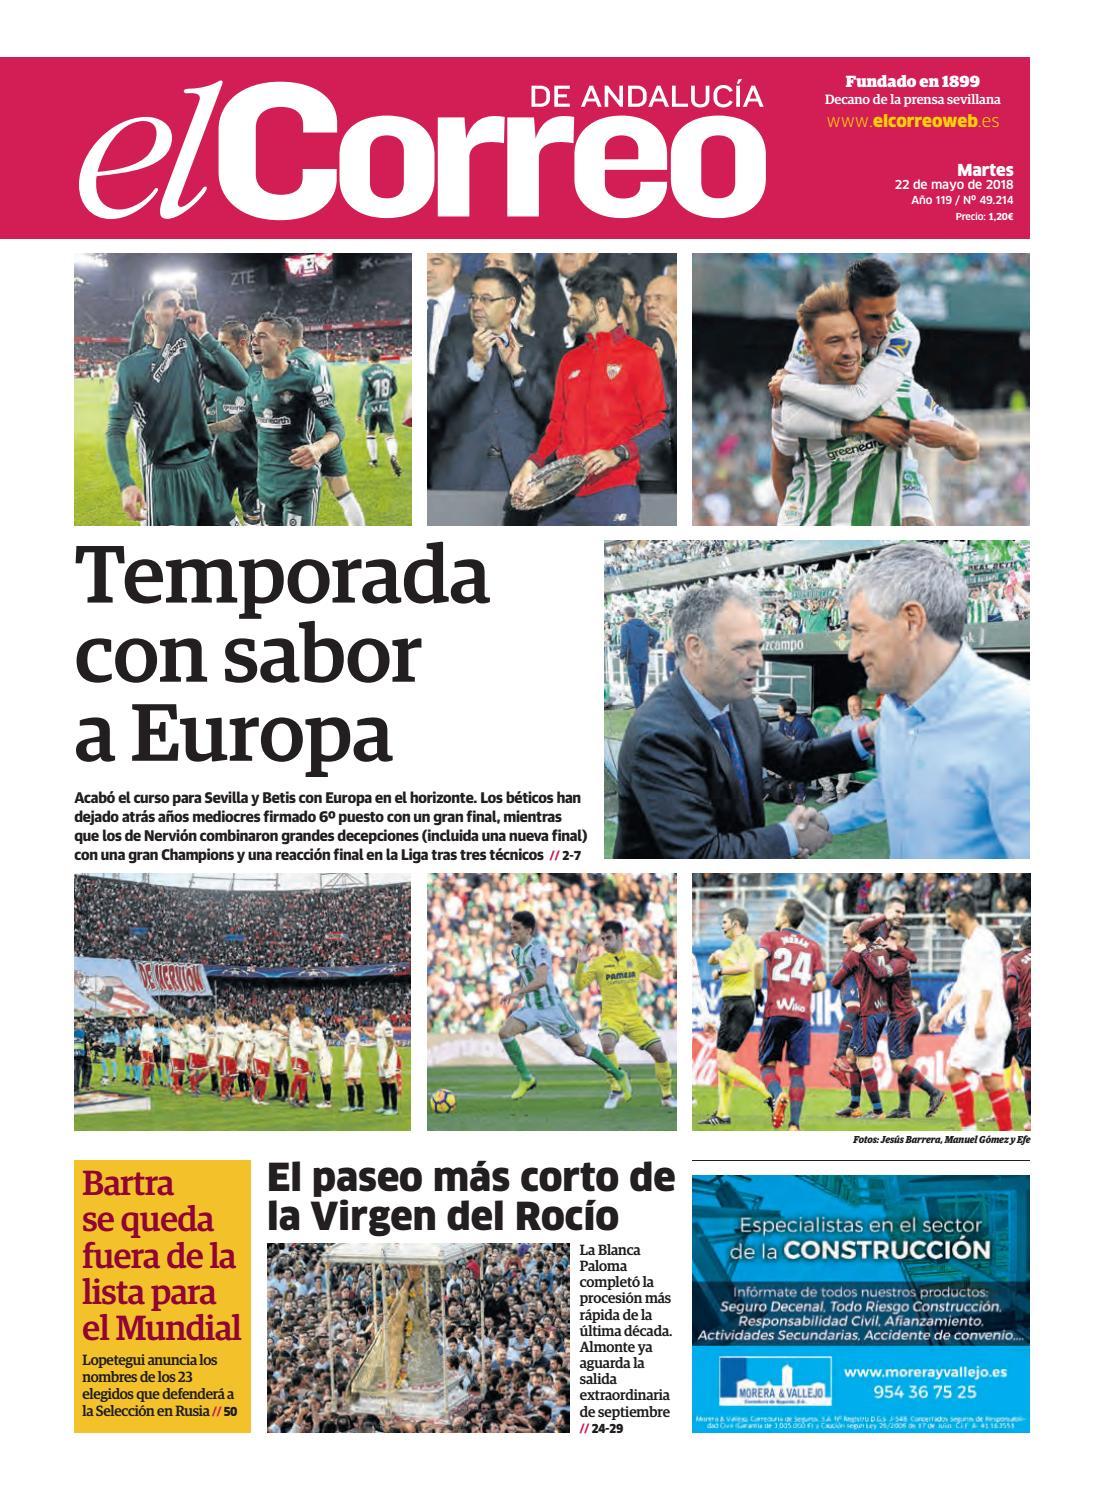 22.05.2018 El Correo de Andalucía by EL CORREO DE ANDALUCÍA S.L. - issuu a336c2214d04